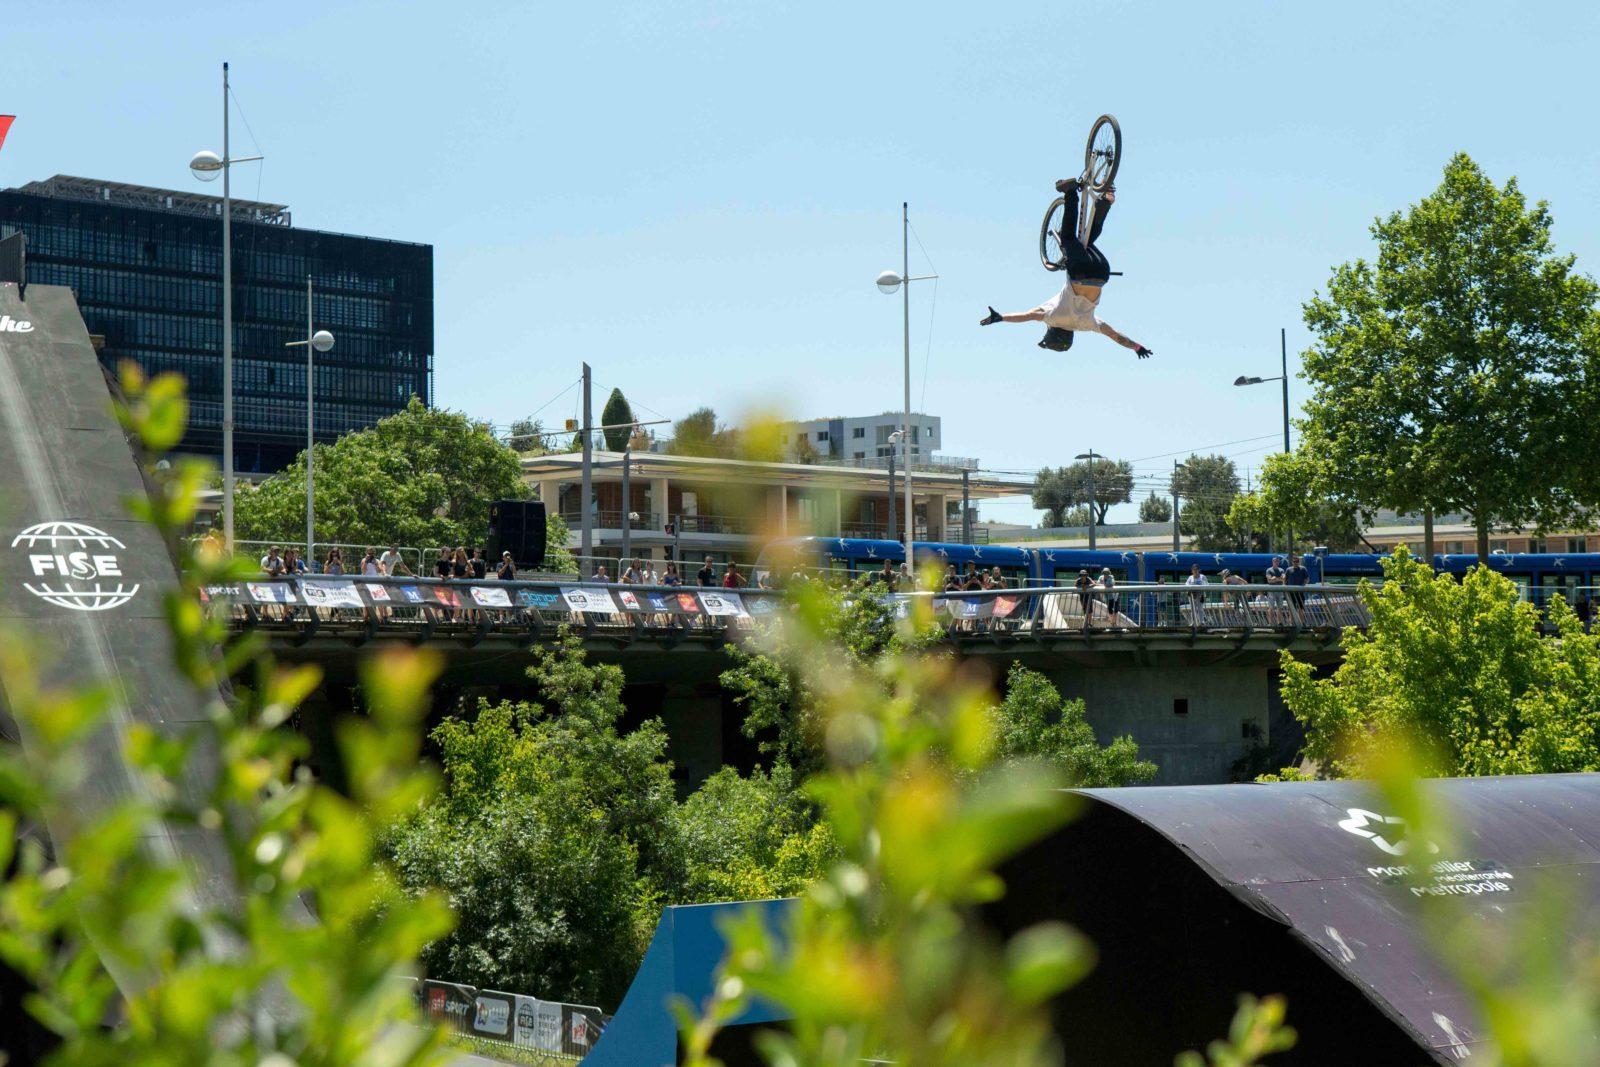 FISEMontpellier2017MountainBike - Bmx, skate, wake... : rendez-vous au Fise pour supporter les meilleurs riders internationaux